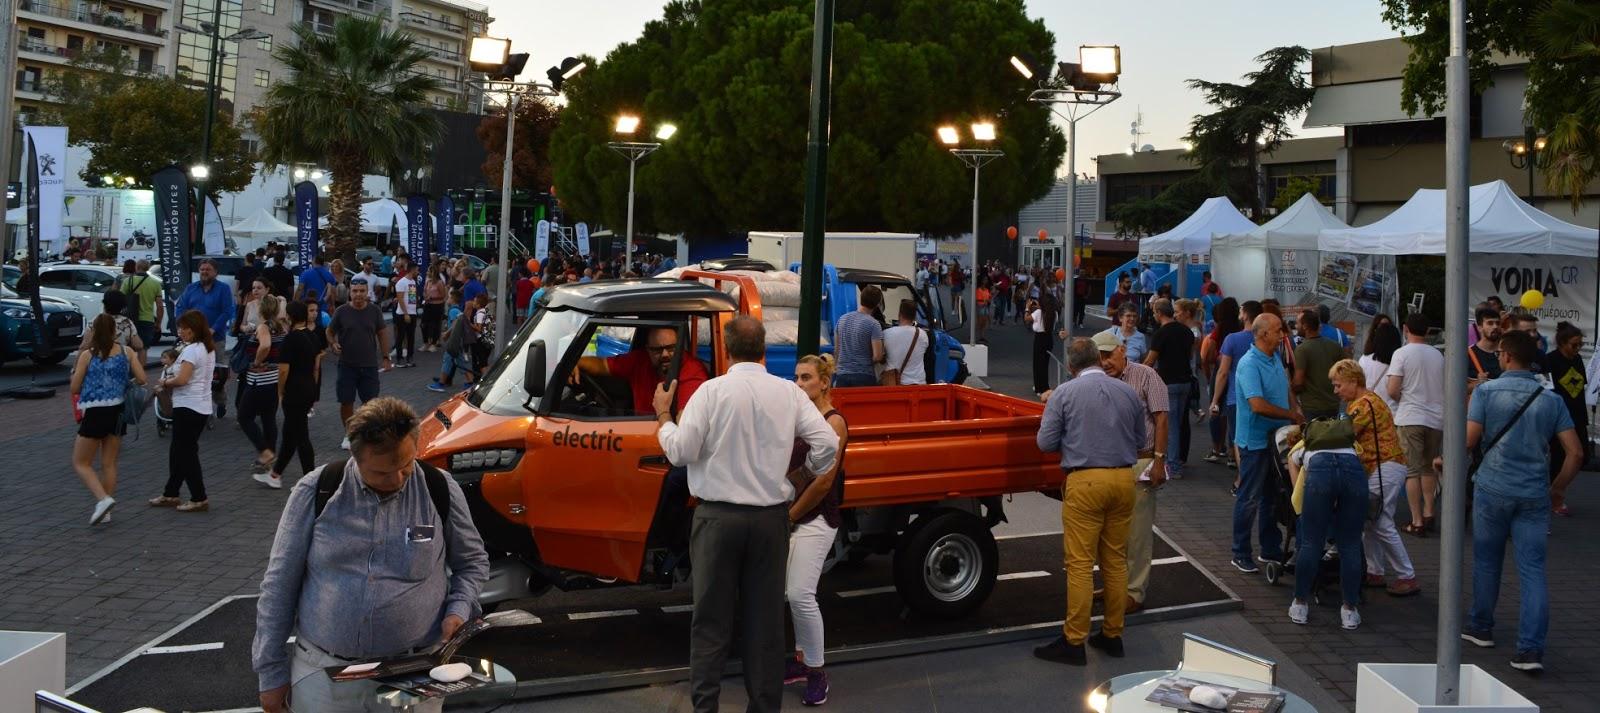 Το επαγγελματικής χρήσης ηλεκτρικό 3ΜΧ «έκλεψε» τις εντυπώσεις στη Διεθνή Έκθεση Θεσσαλονίκης 2019